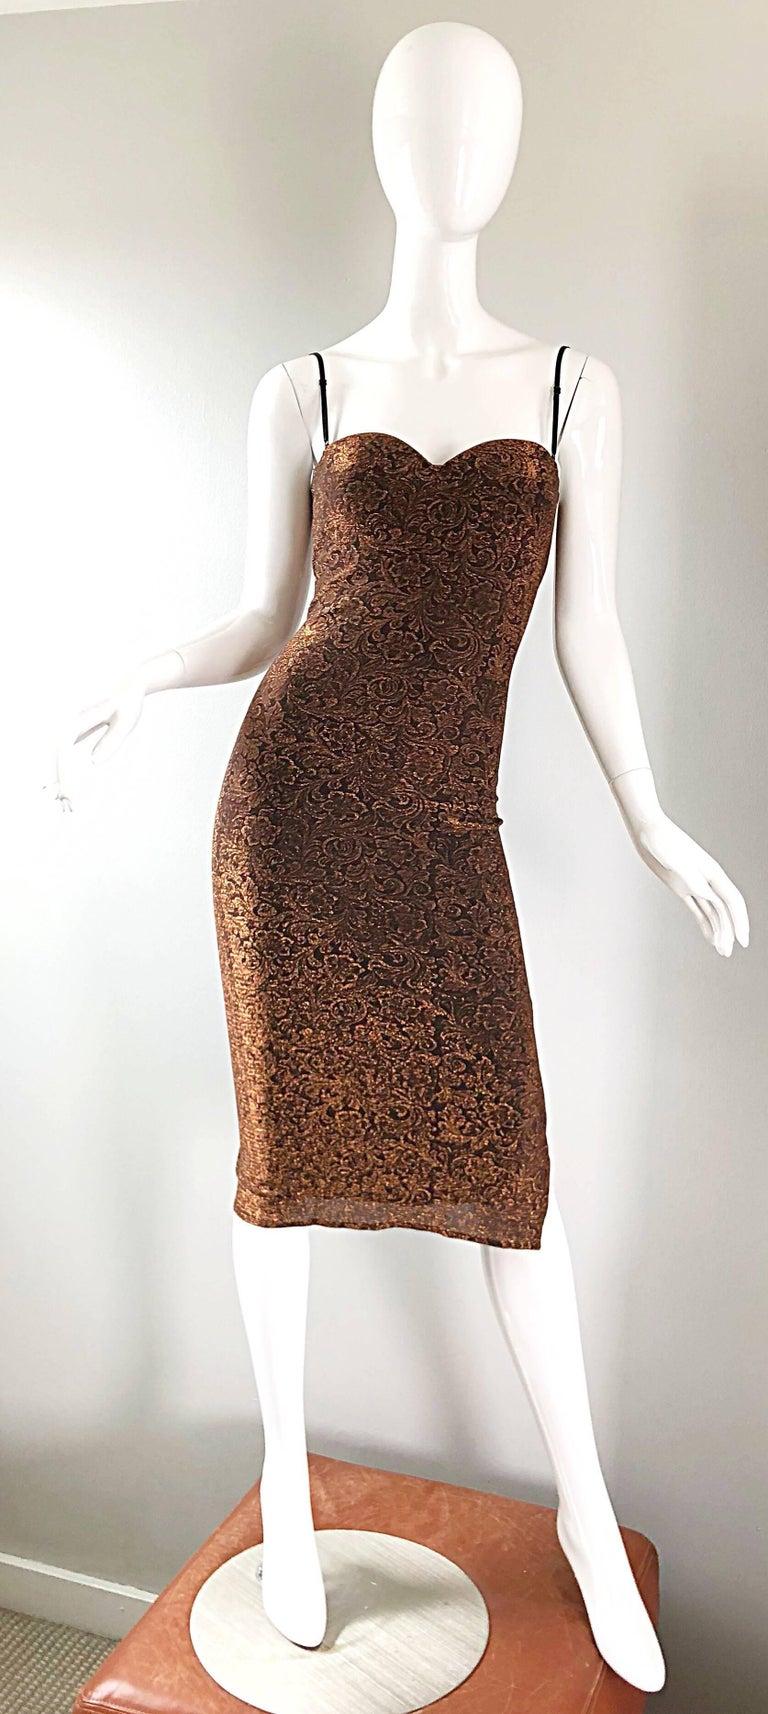 Brown 1990s Eletra Casadei Sexy Metallic Bronze / Gold Bodycon Convertible Strap Dress For Sale